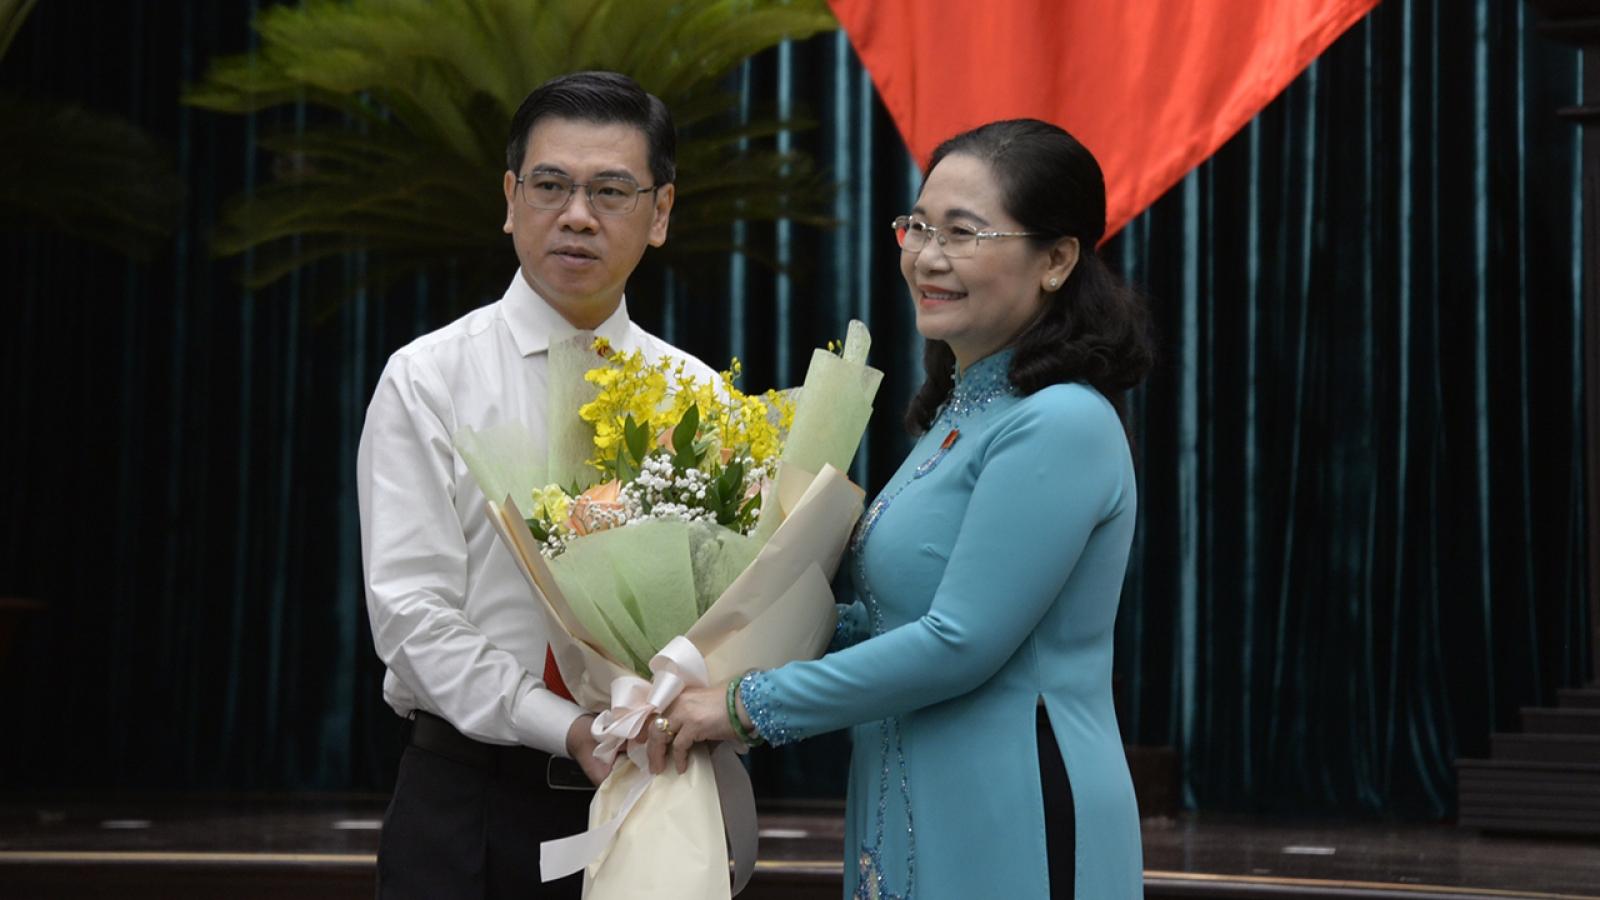 Chủ tịch Quận 1 được bầu giữ chức Phó Chủ tịch HĐND Thành phố Hồ Chí Minh